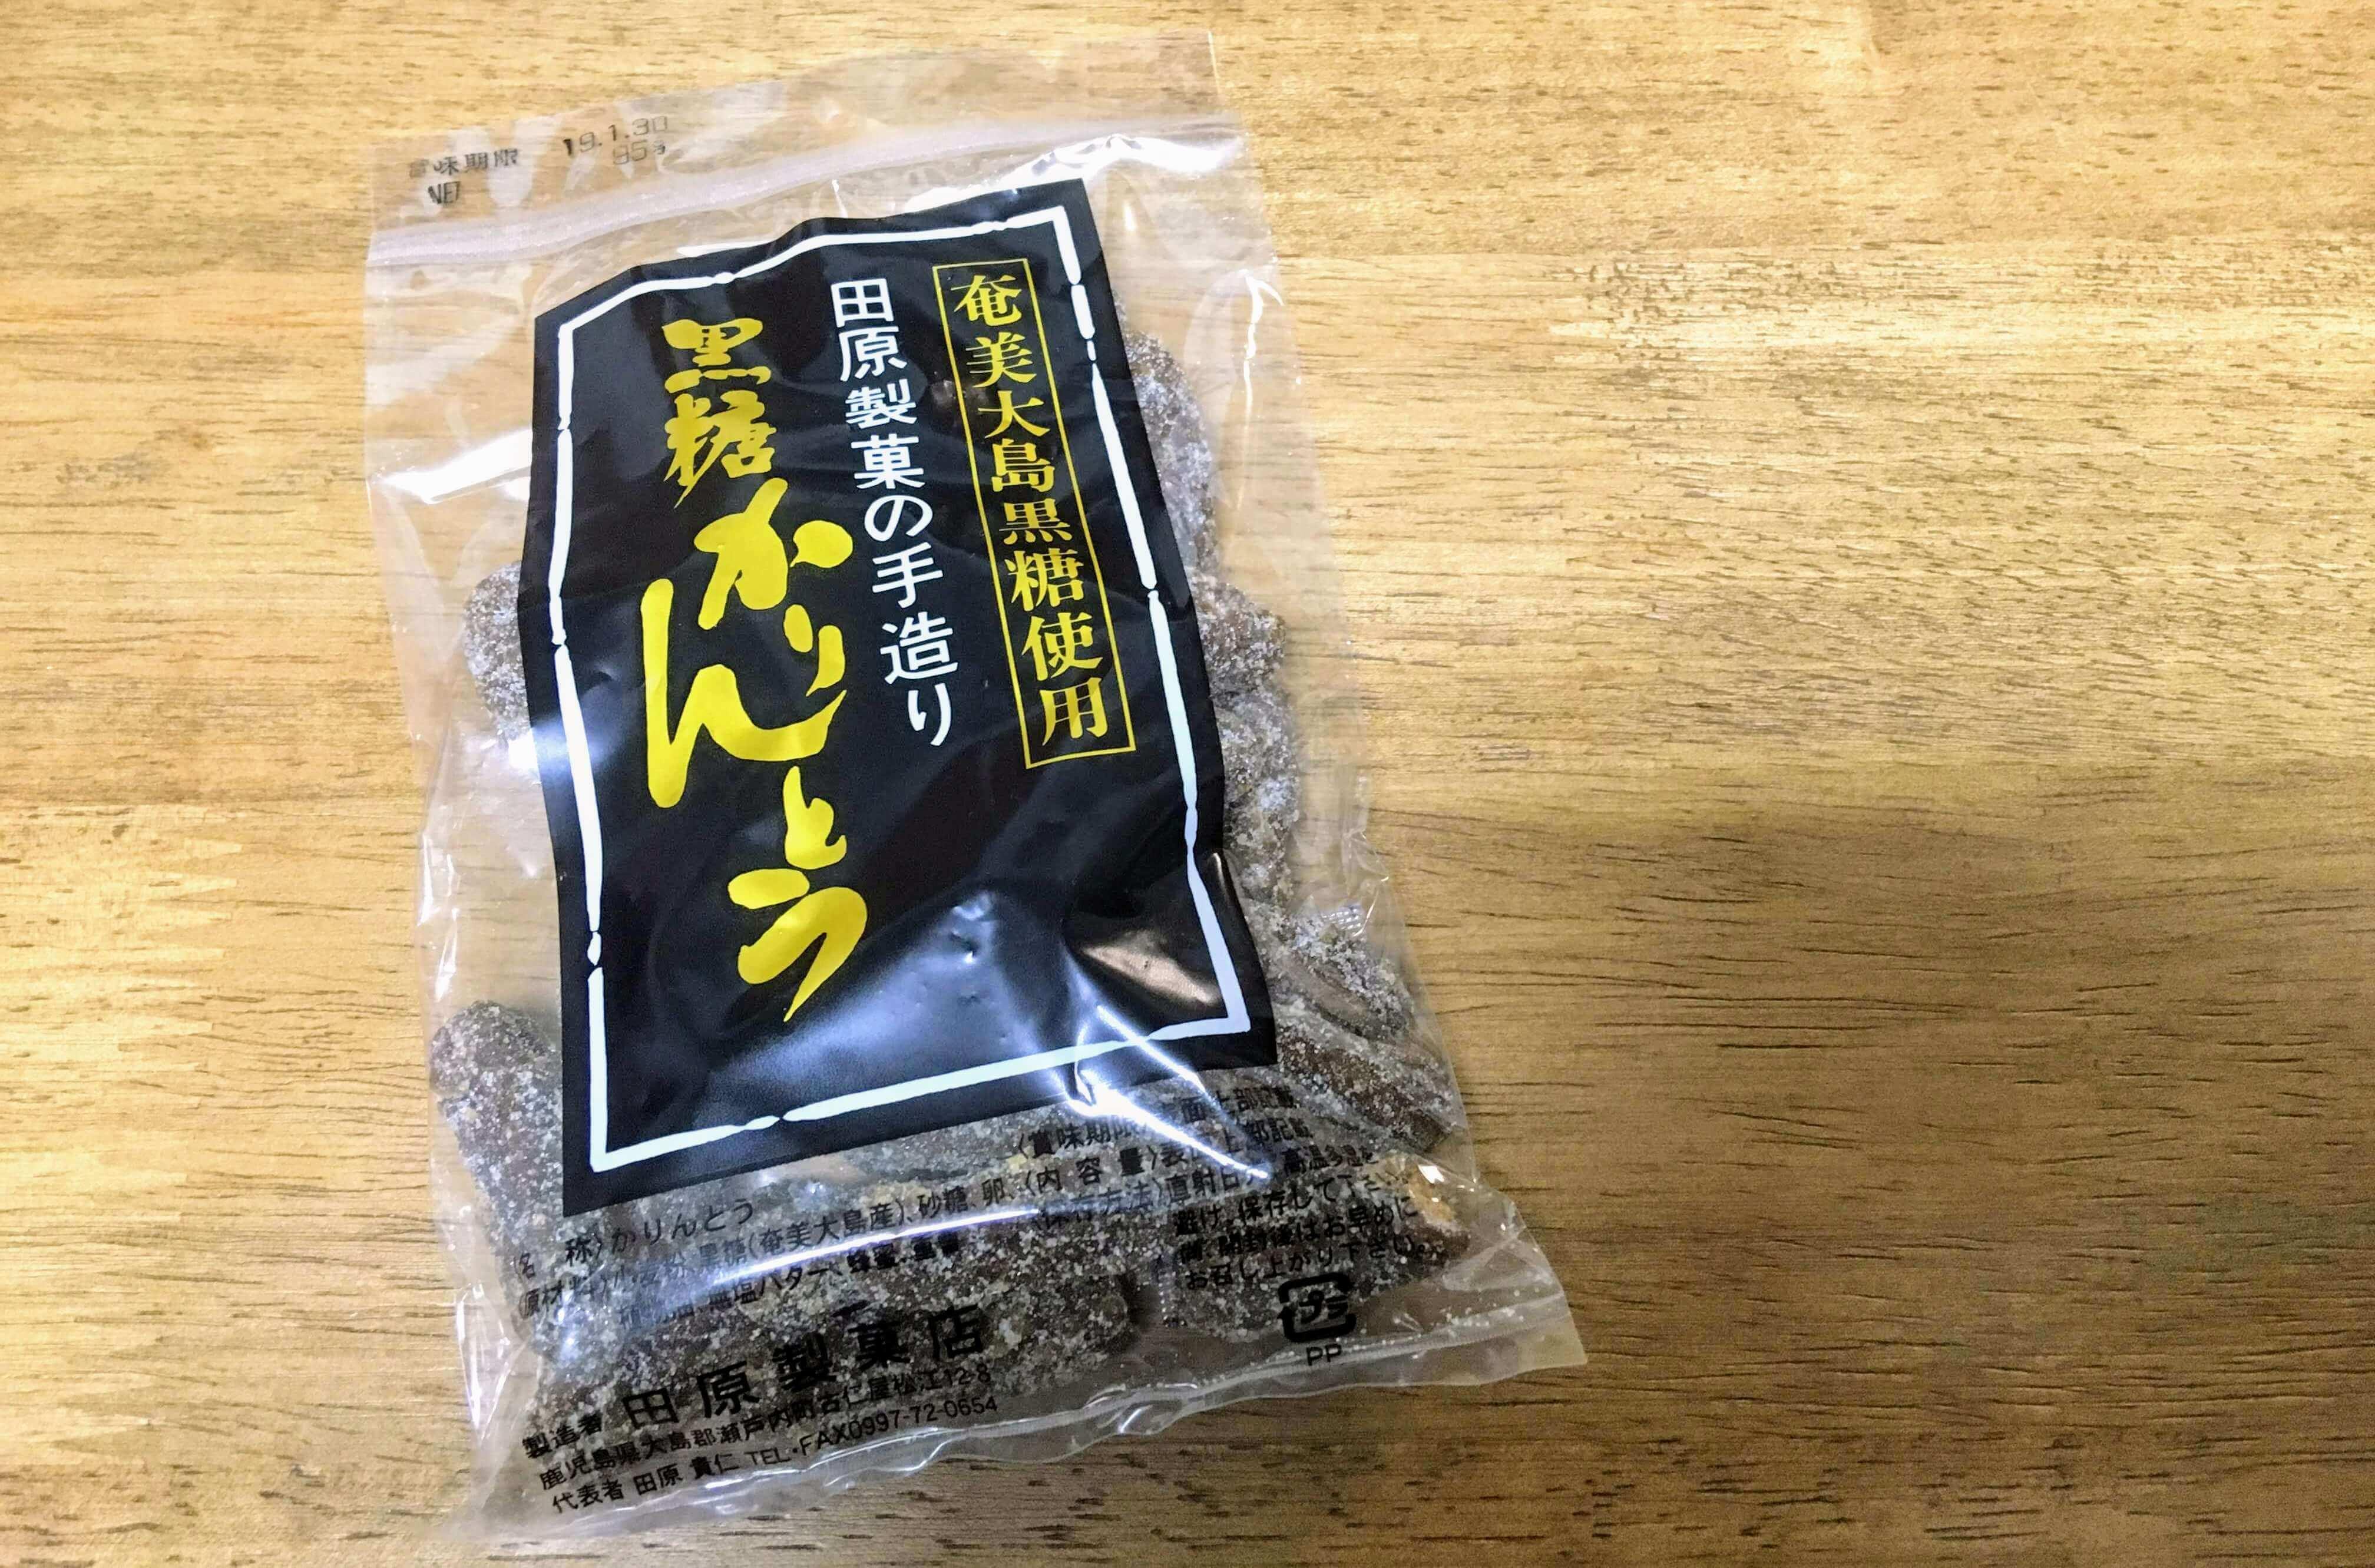 奄美大島の名物お土産、黒糖かりんとう